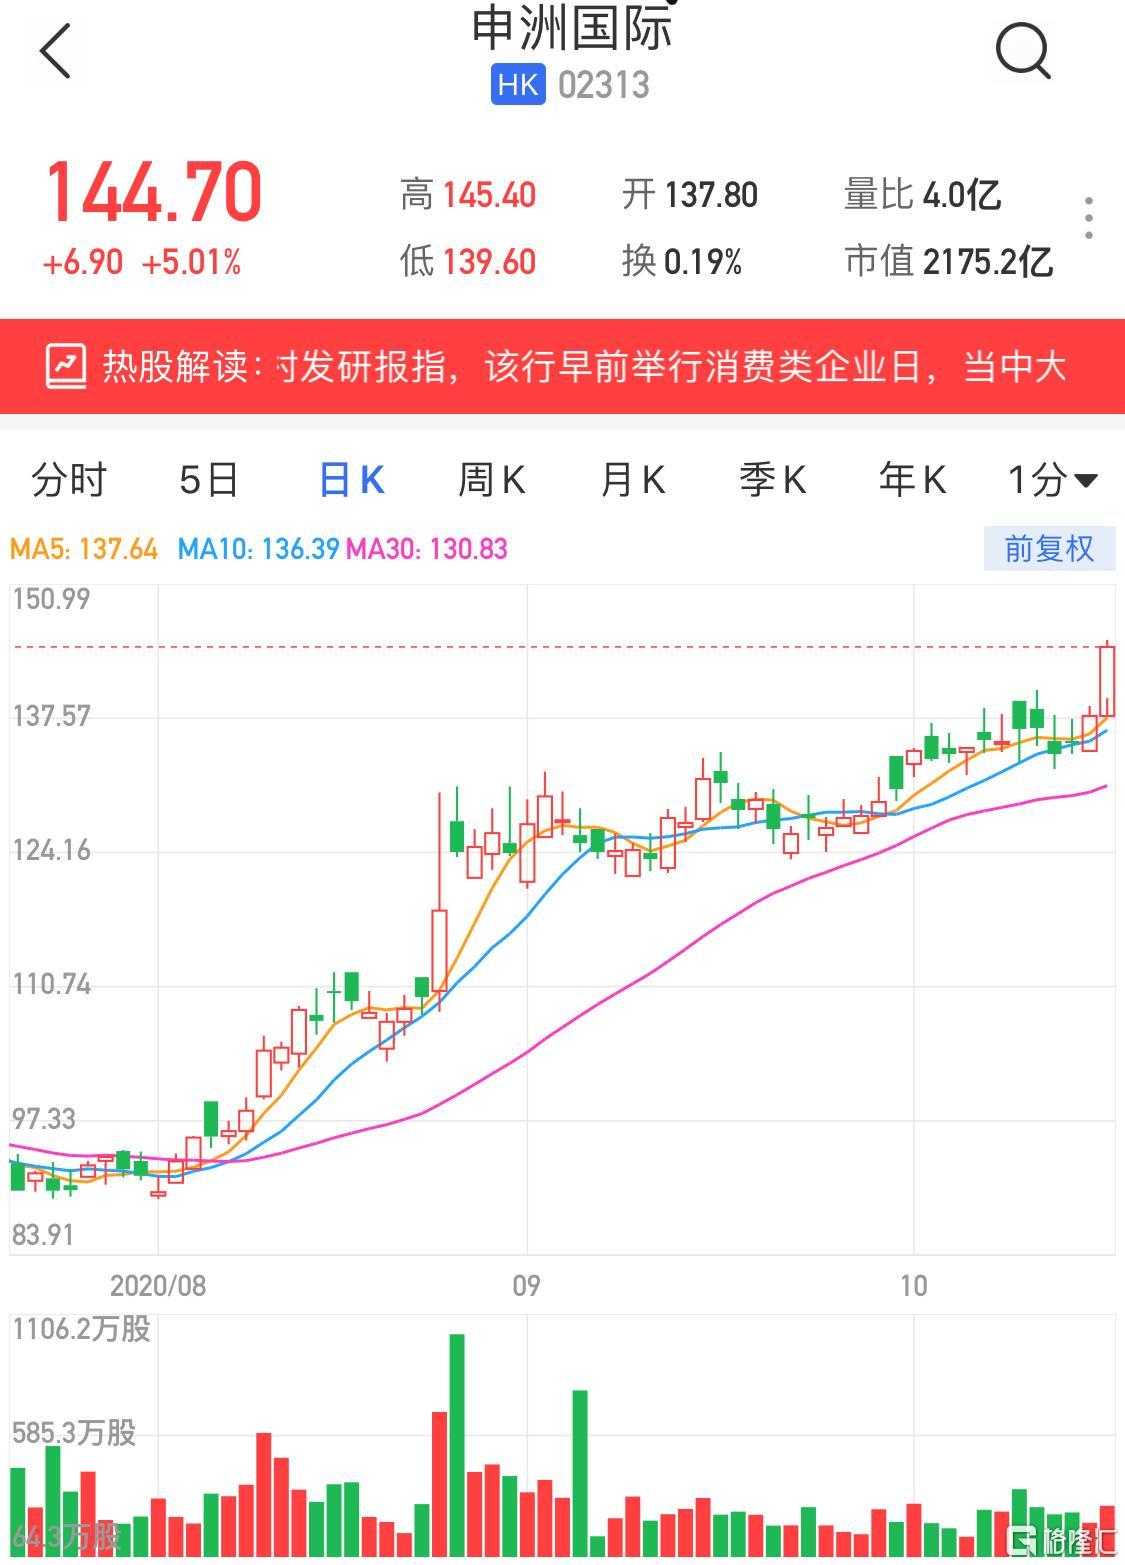 港股异动 | 申洲国际(2313.HK)午后涨至5%再创新高 花旗升目标价至160港元